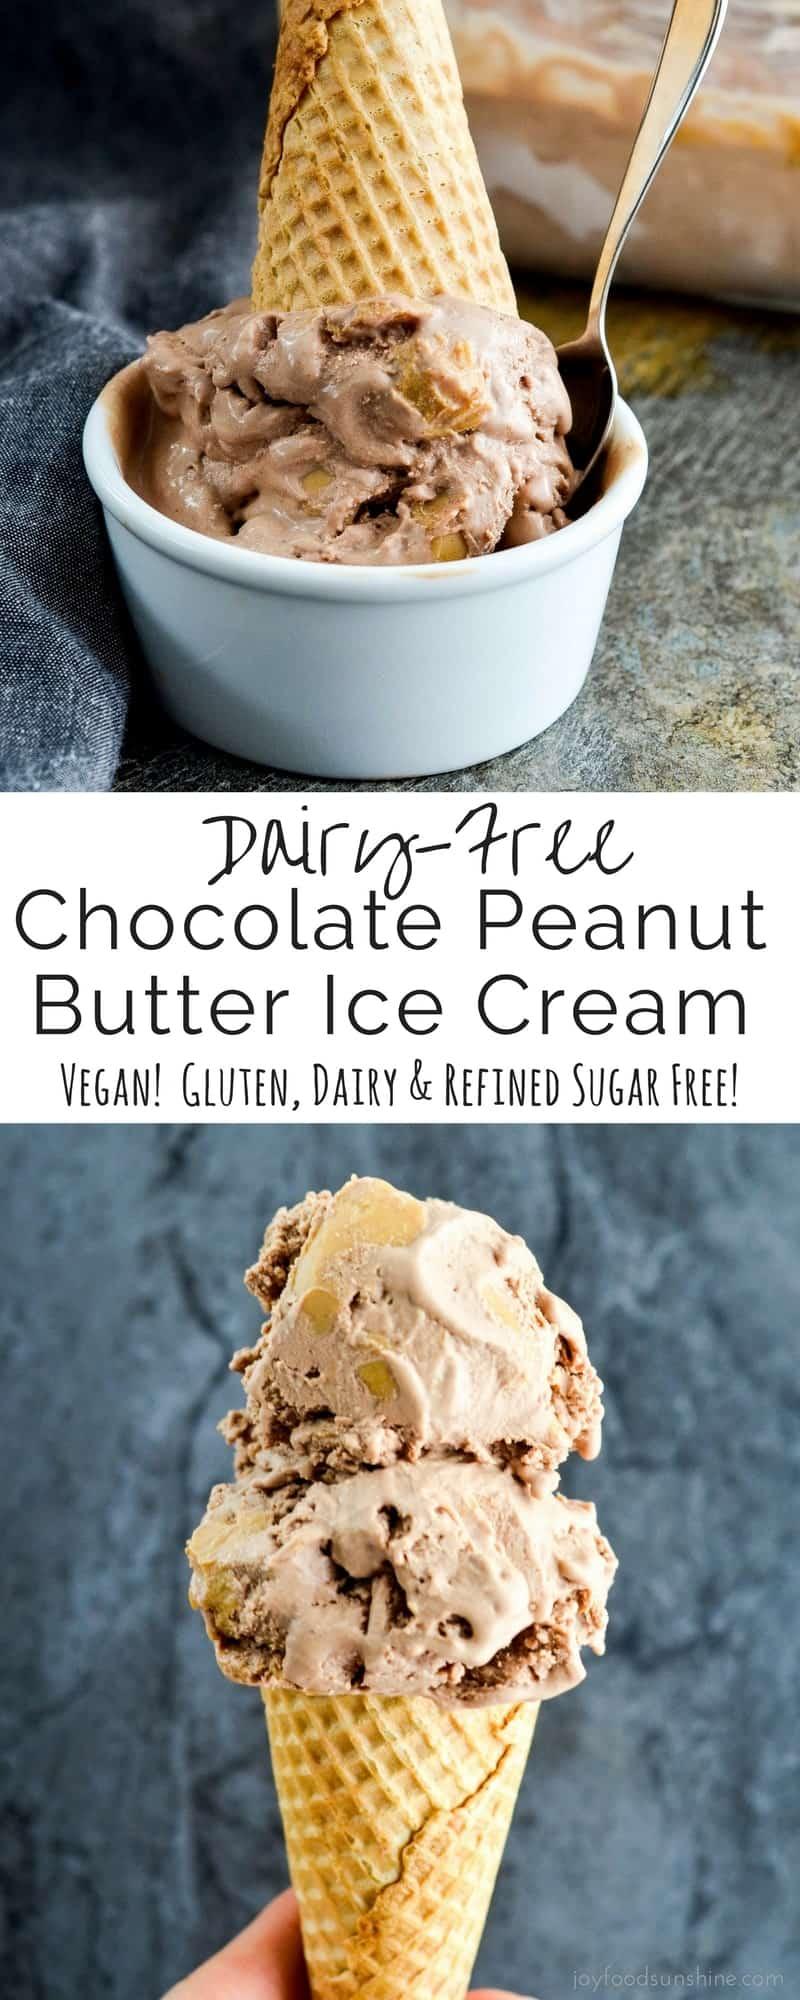 Dairy-Free Chocolate Peanut Butter Ice Cream - Joyfoodsunshine